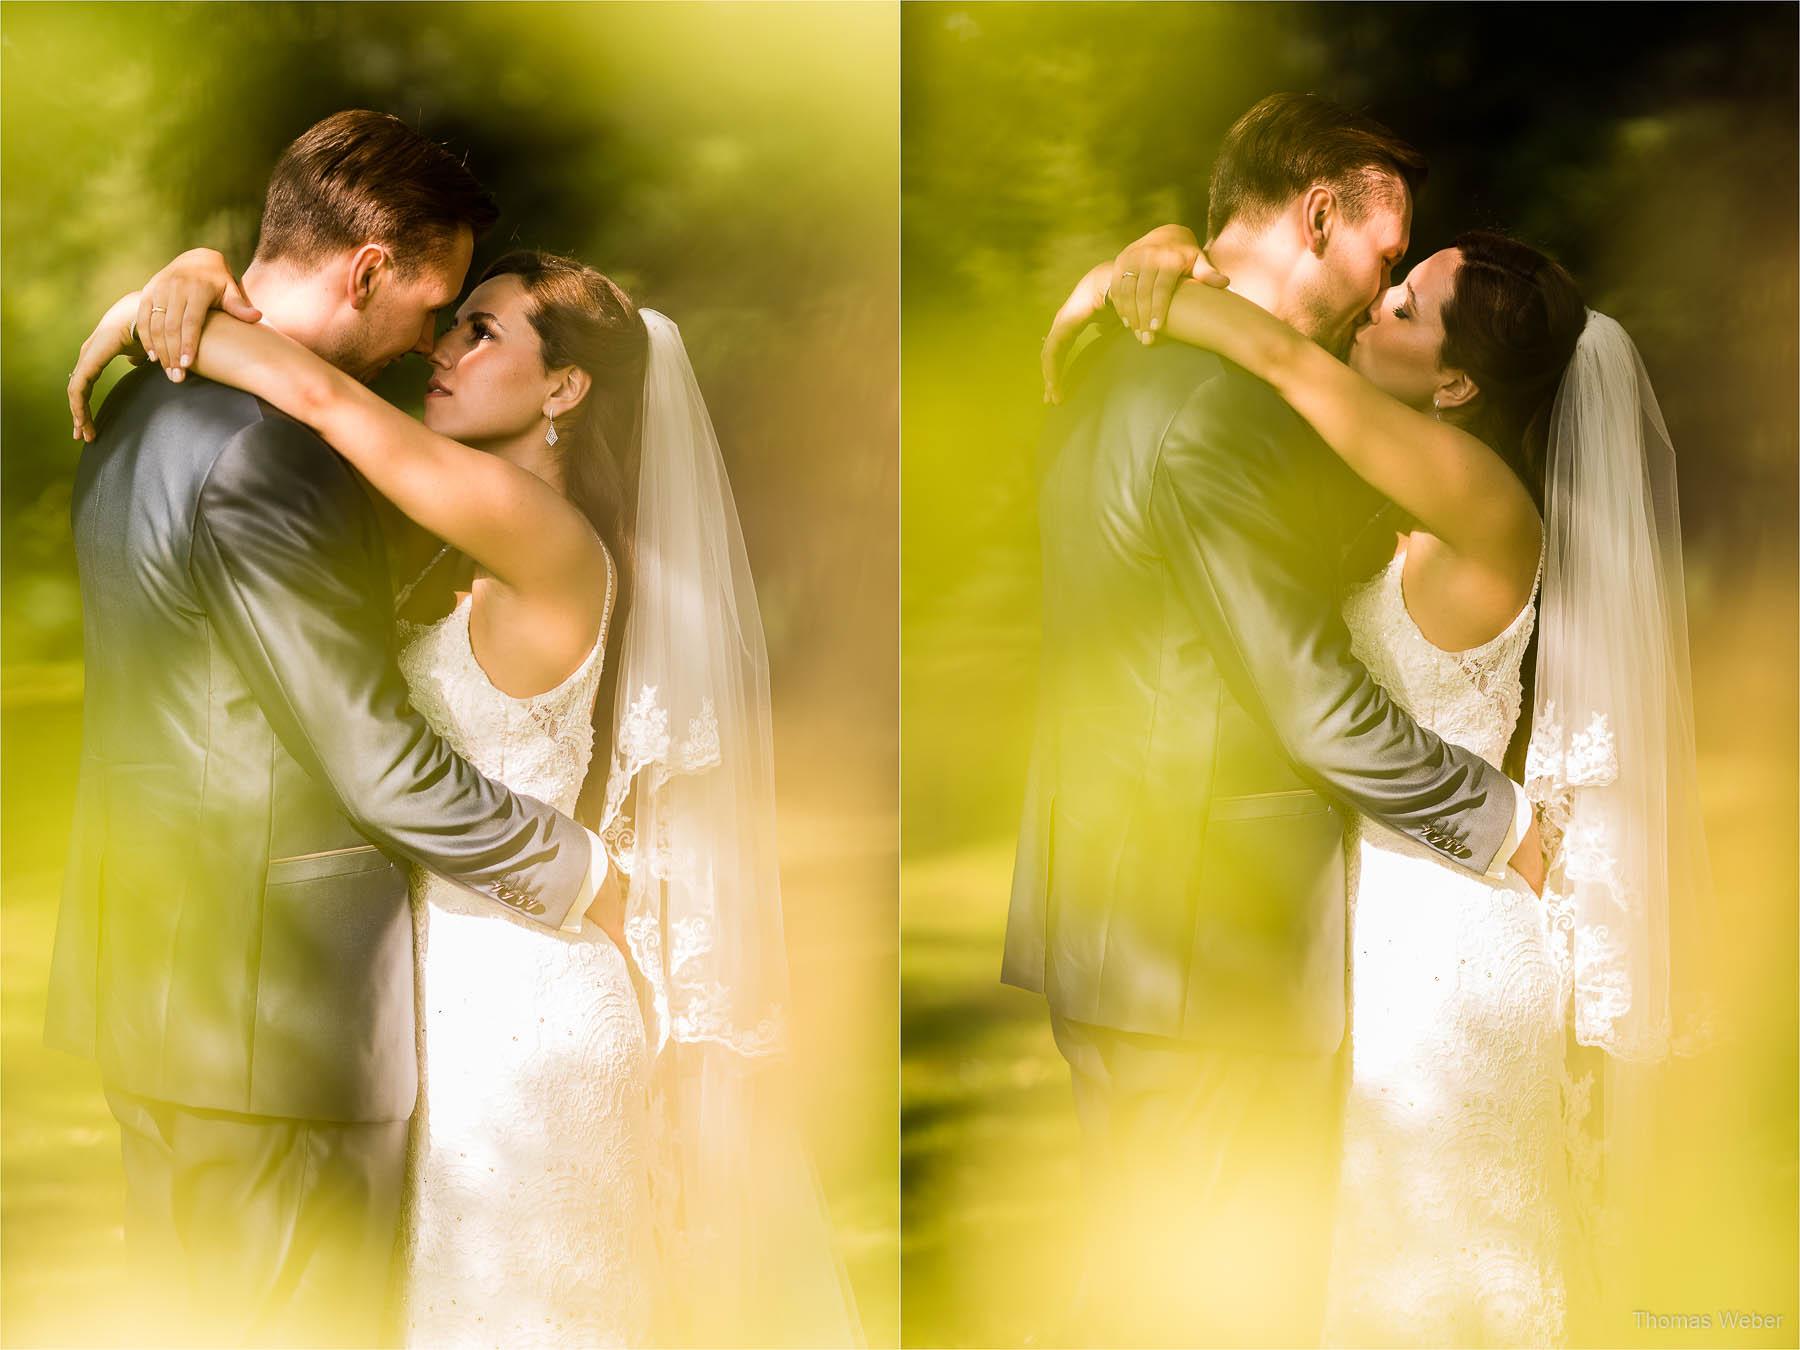 Hochzeit im Schlosshotel Münchhausen in Aerzen, Fotograf Thomas Weber aus Oldenburg